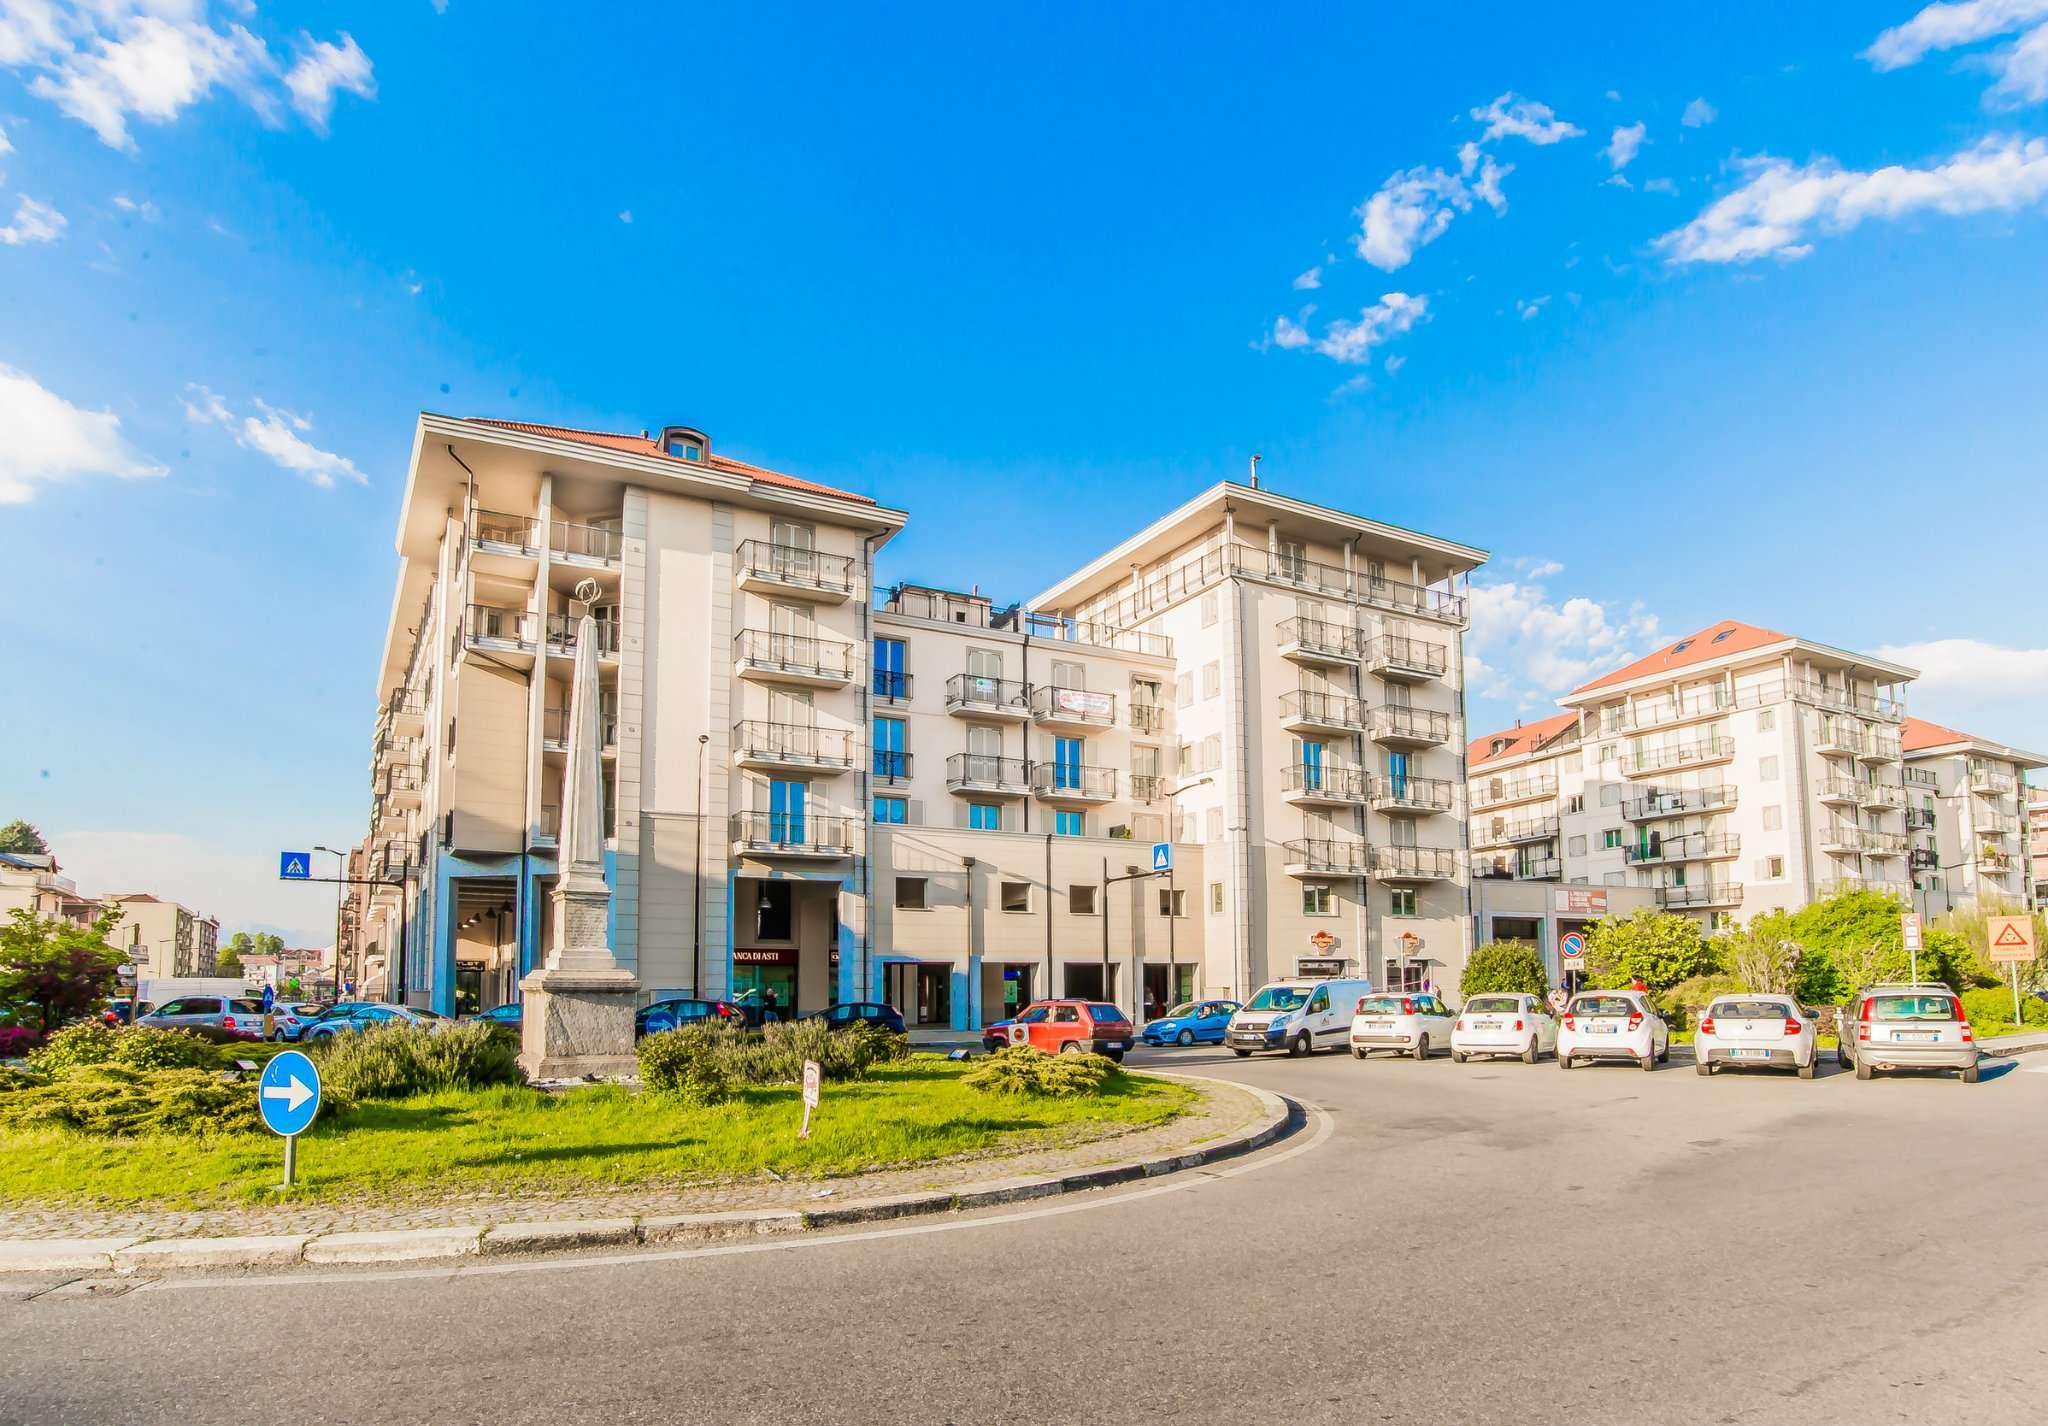 Immagine immobiliare RIVOLI REALE - 03 D - 41 RIVOLI REALE, è il nuovo elegante complesso residenziale che sorge nel pieno centro di Rivoli.Proponiamo ultimi appartamenti in classe A, di diverse tipologie per rispondere alle esigenze più varie,...